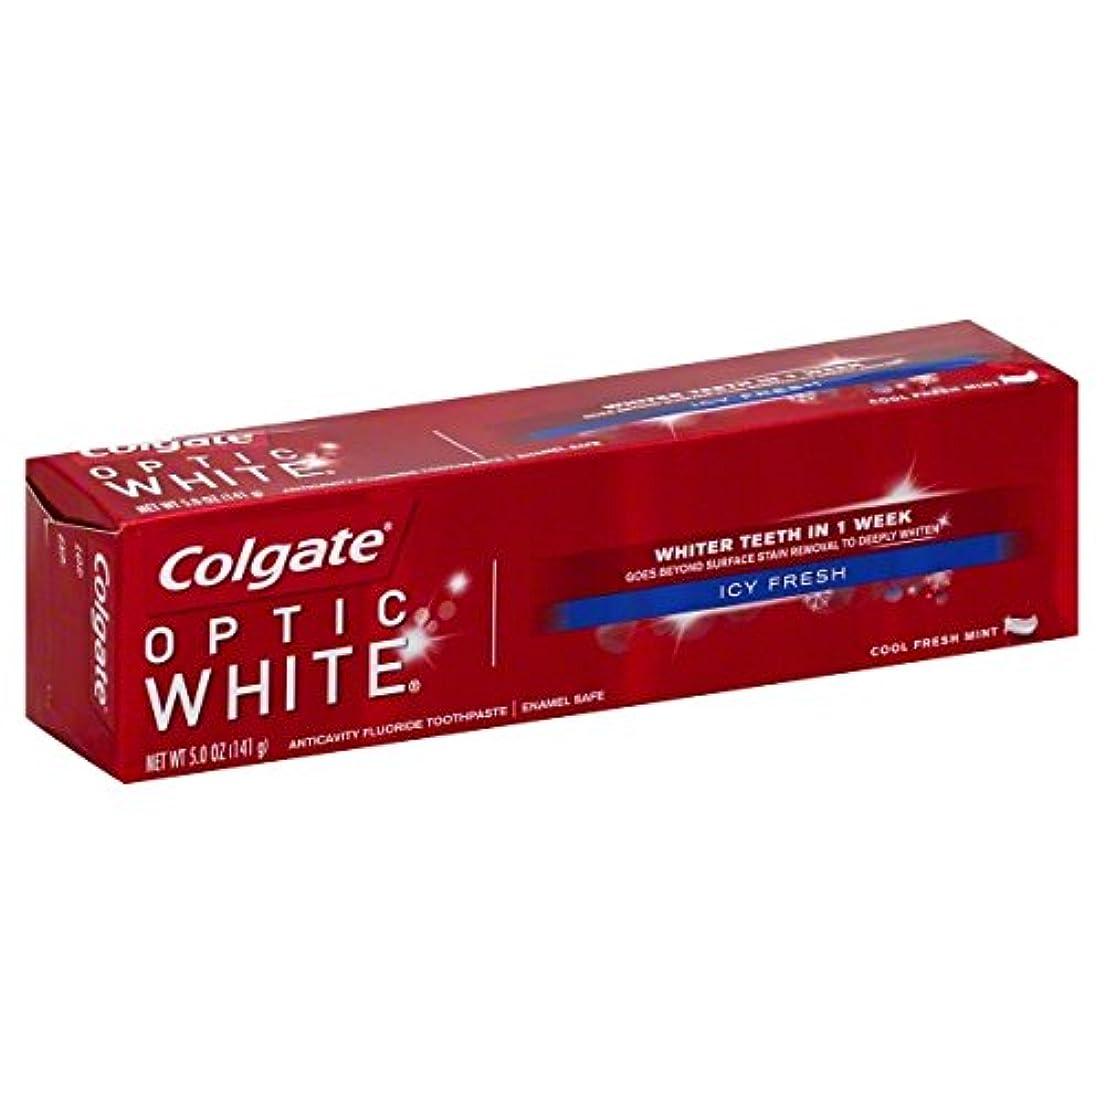 労働者泣き叫ぶ皮Colgate オプティックホワイトハミガキ、アイシー新鮮な、5オンス(6パック)